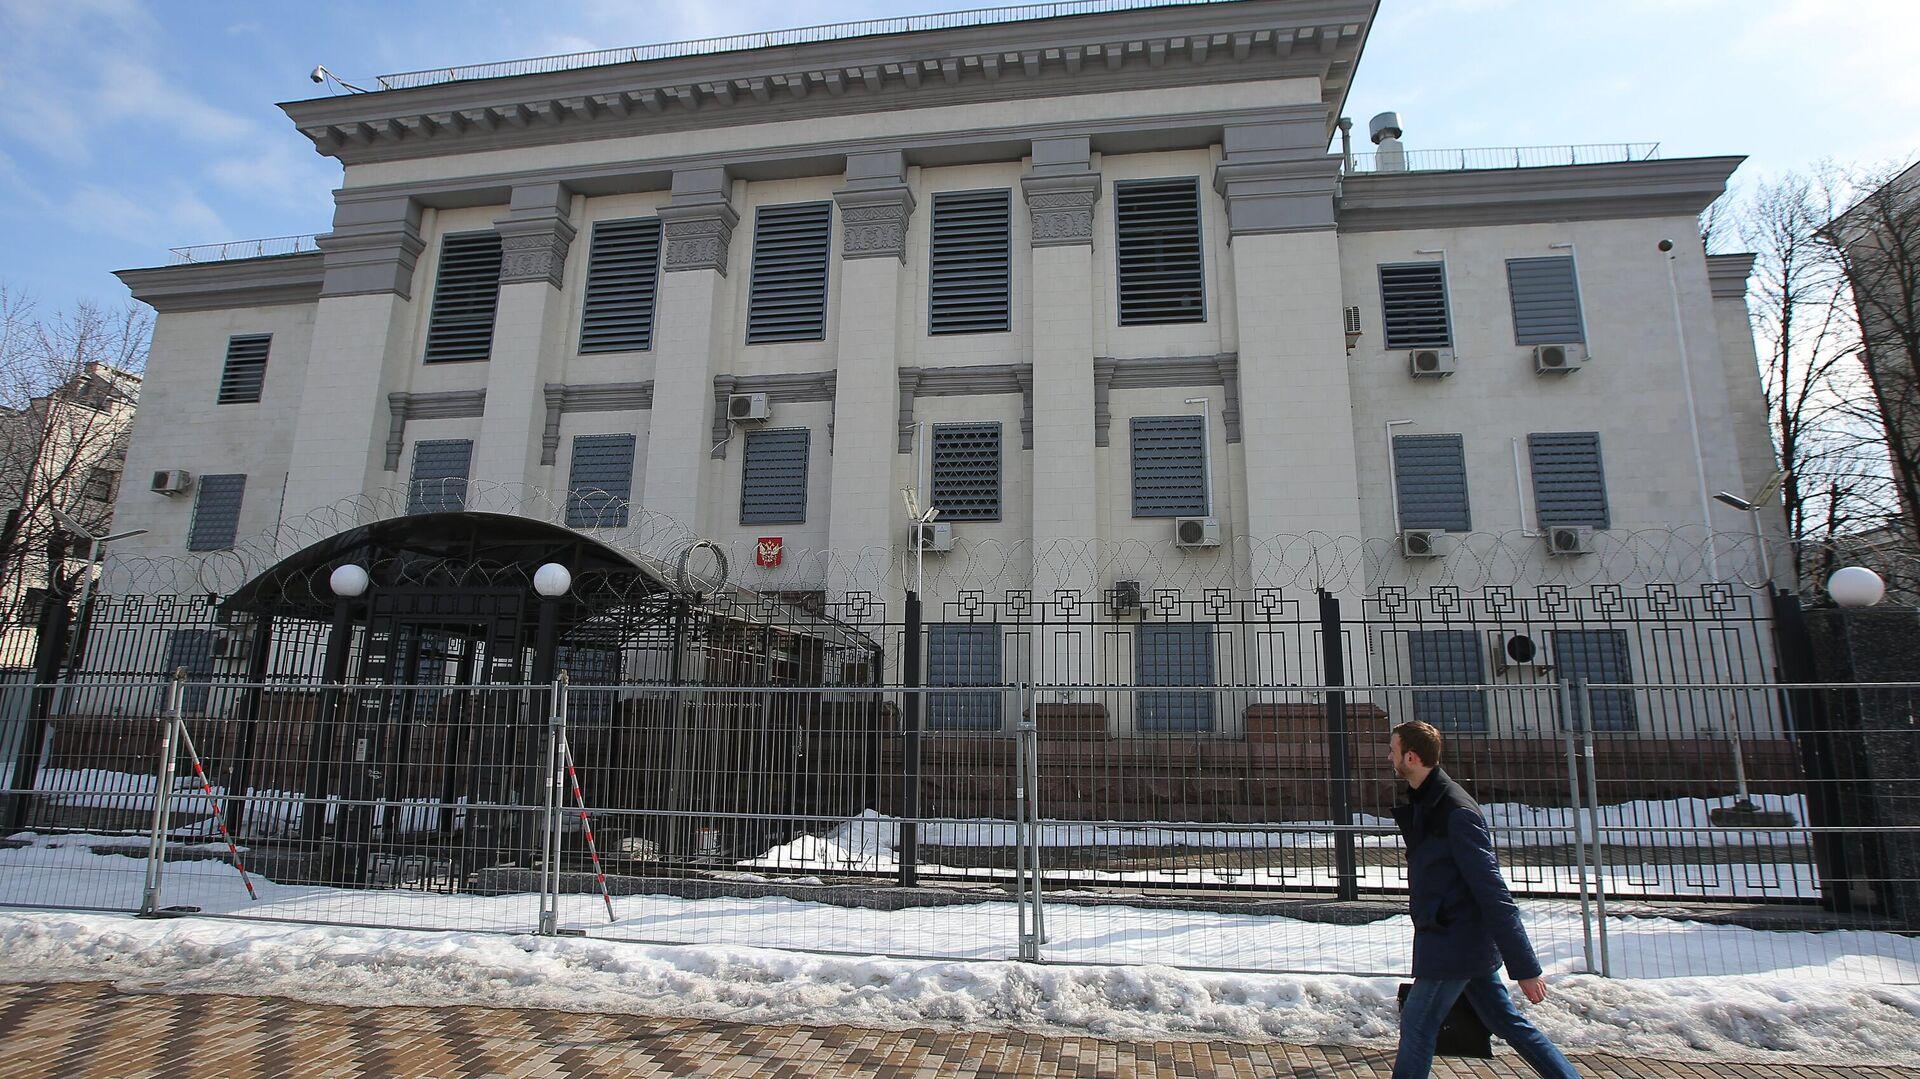 Здание посольства Российской Федерации в Киеве - РИА Новости, 1920, 29.04.2021